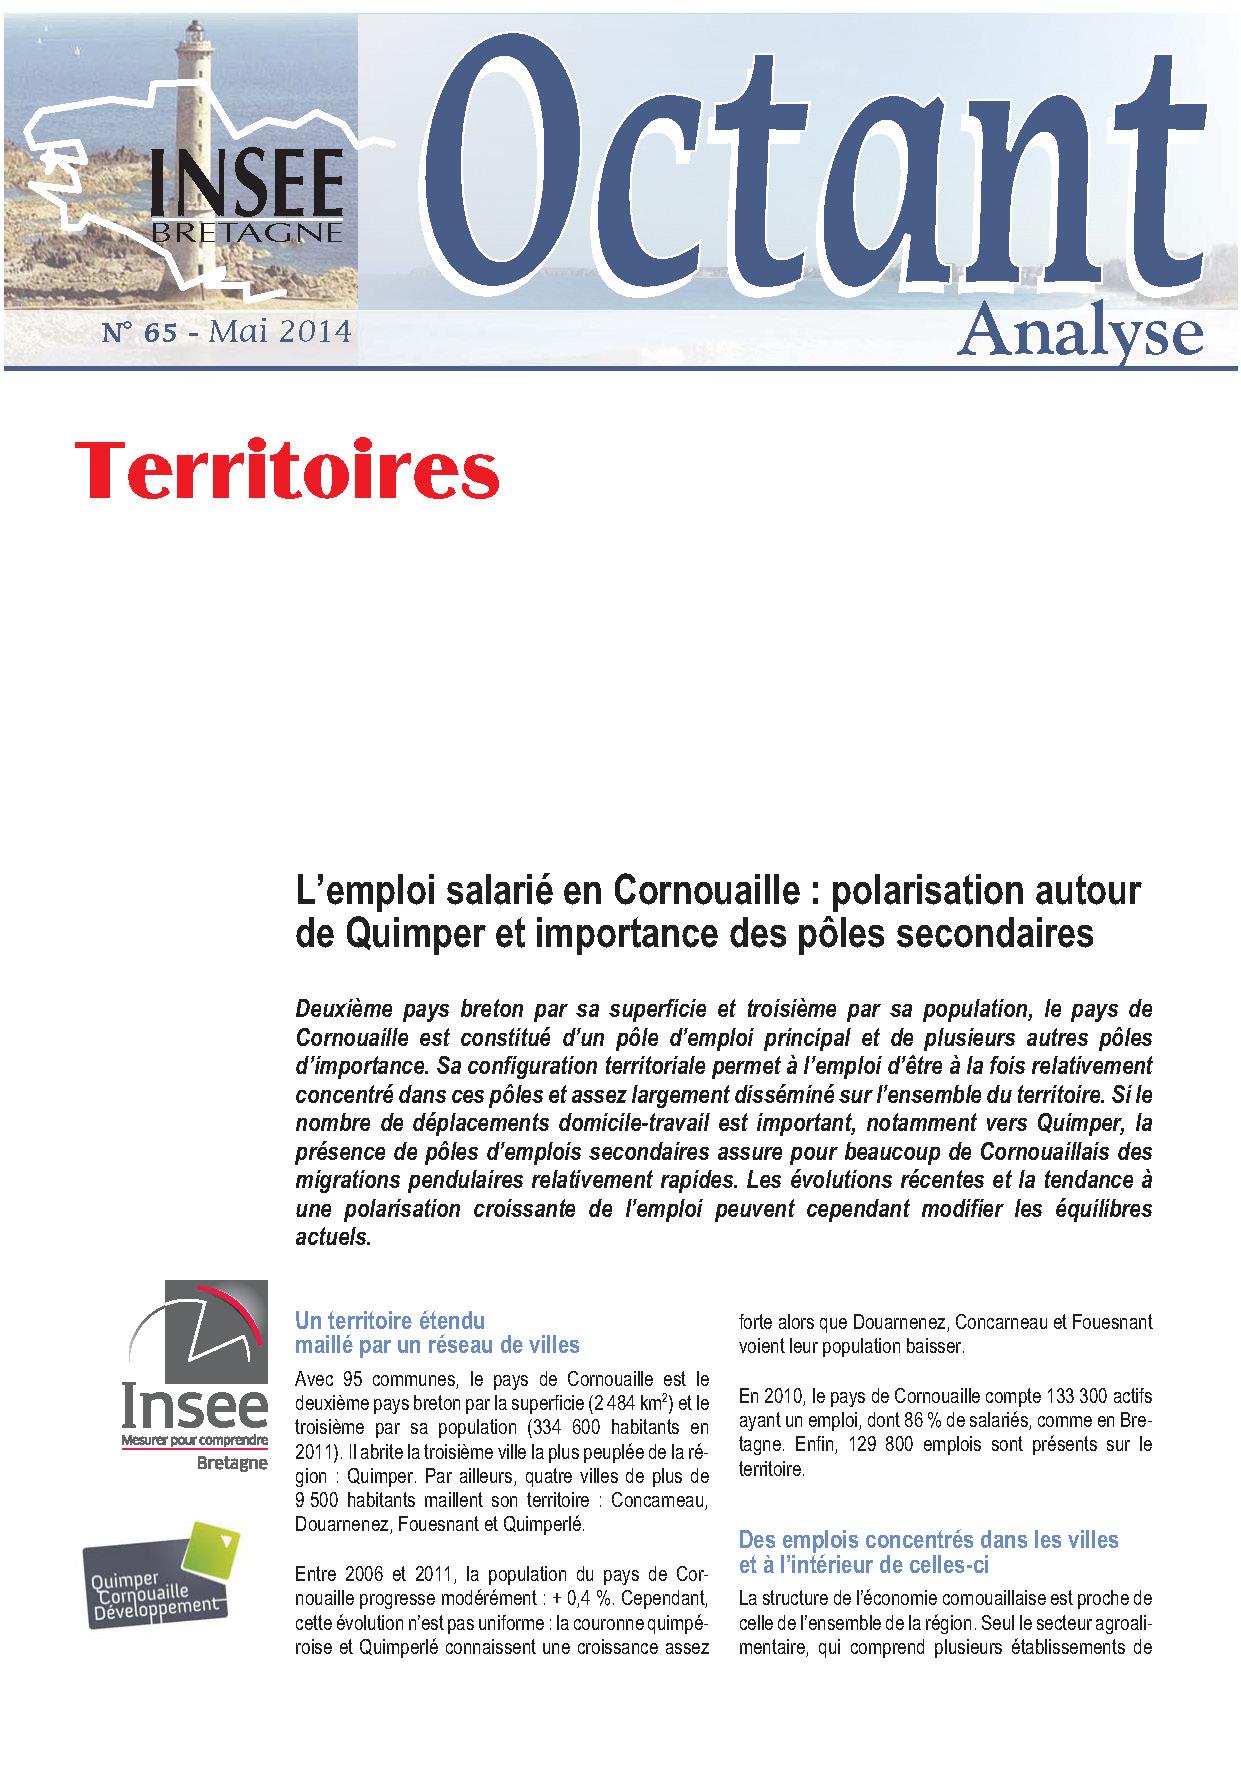 L'emploi salarié en Cornouaille : polarisation autour de Quimper et importance des pôles secondaires (Octant analyse